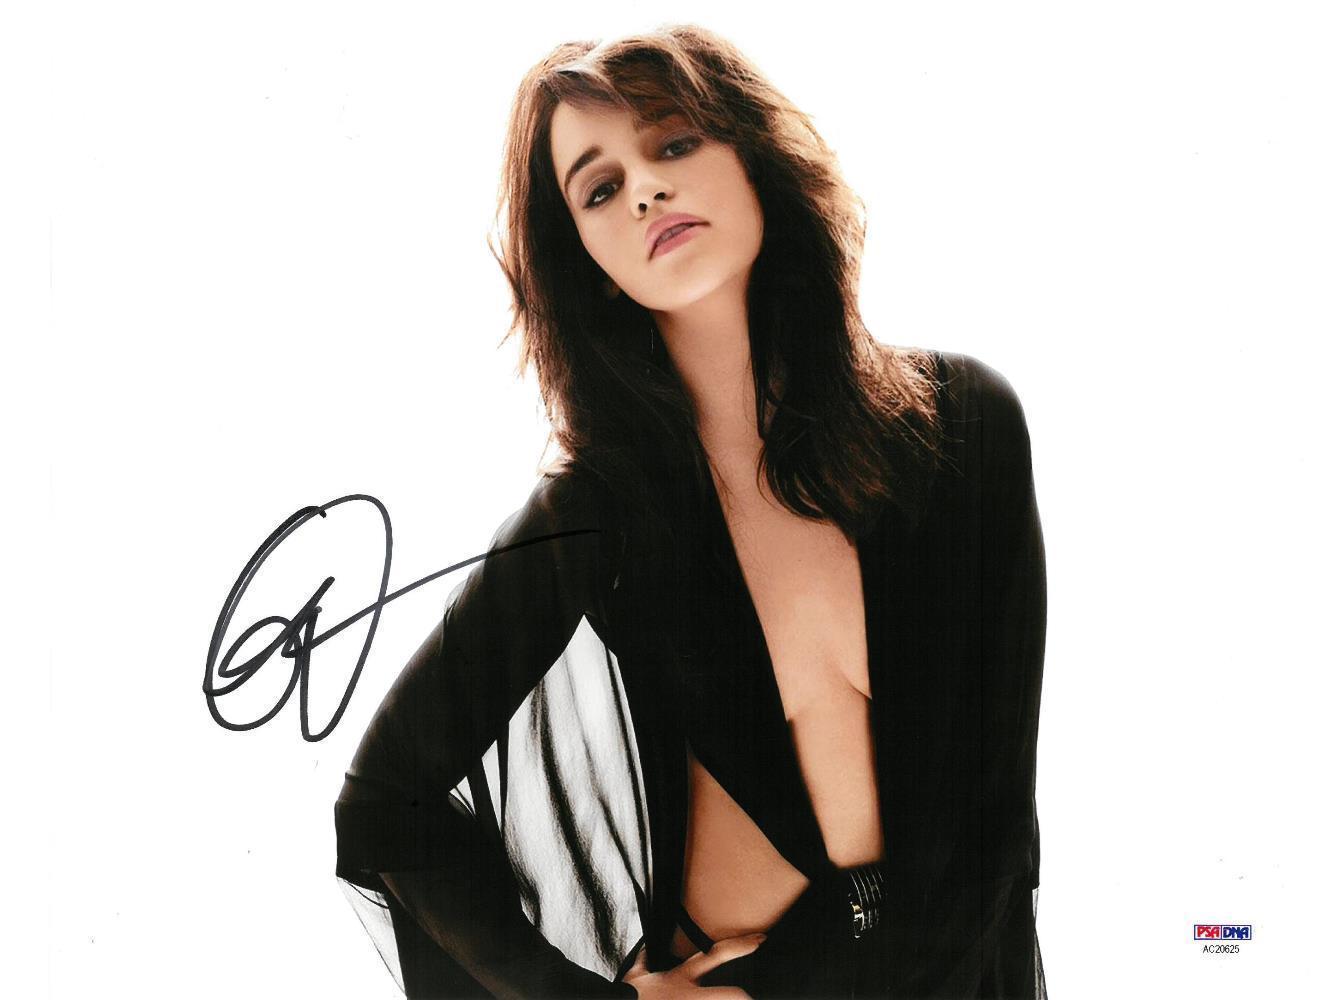 Emilia Clarke Signed Authentic Autographed 11x14 Photo PSA/DNA #AC20625